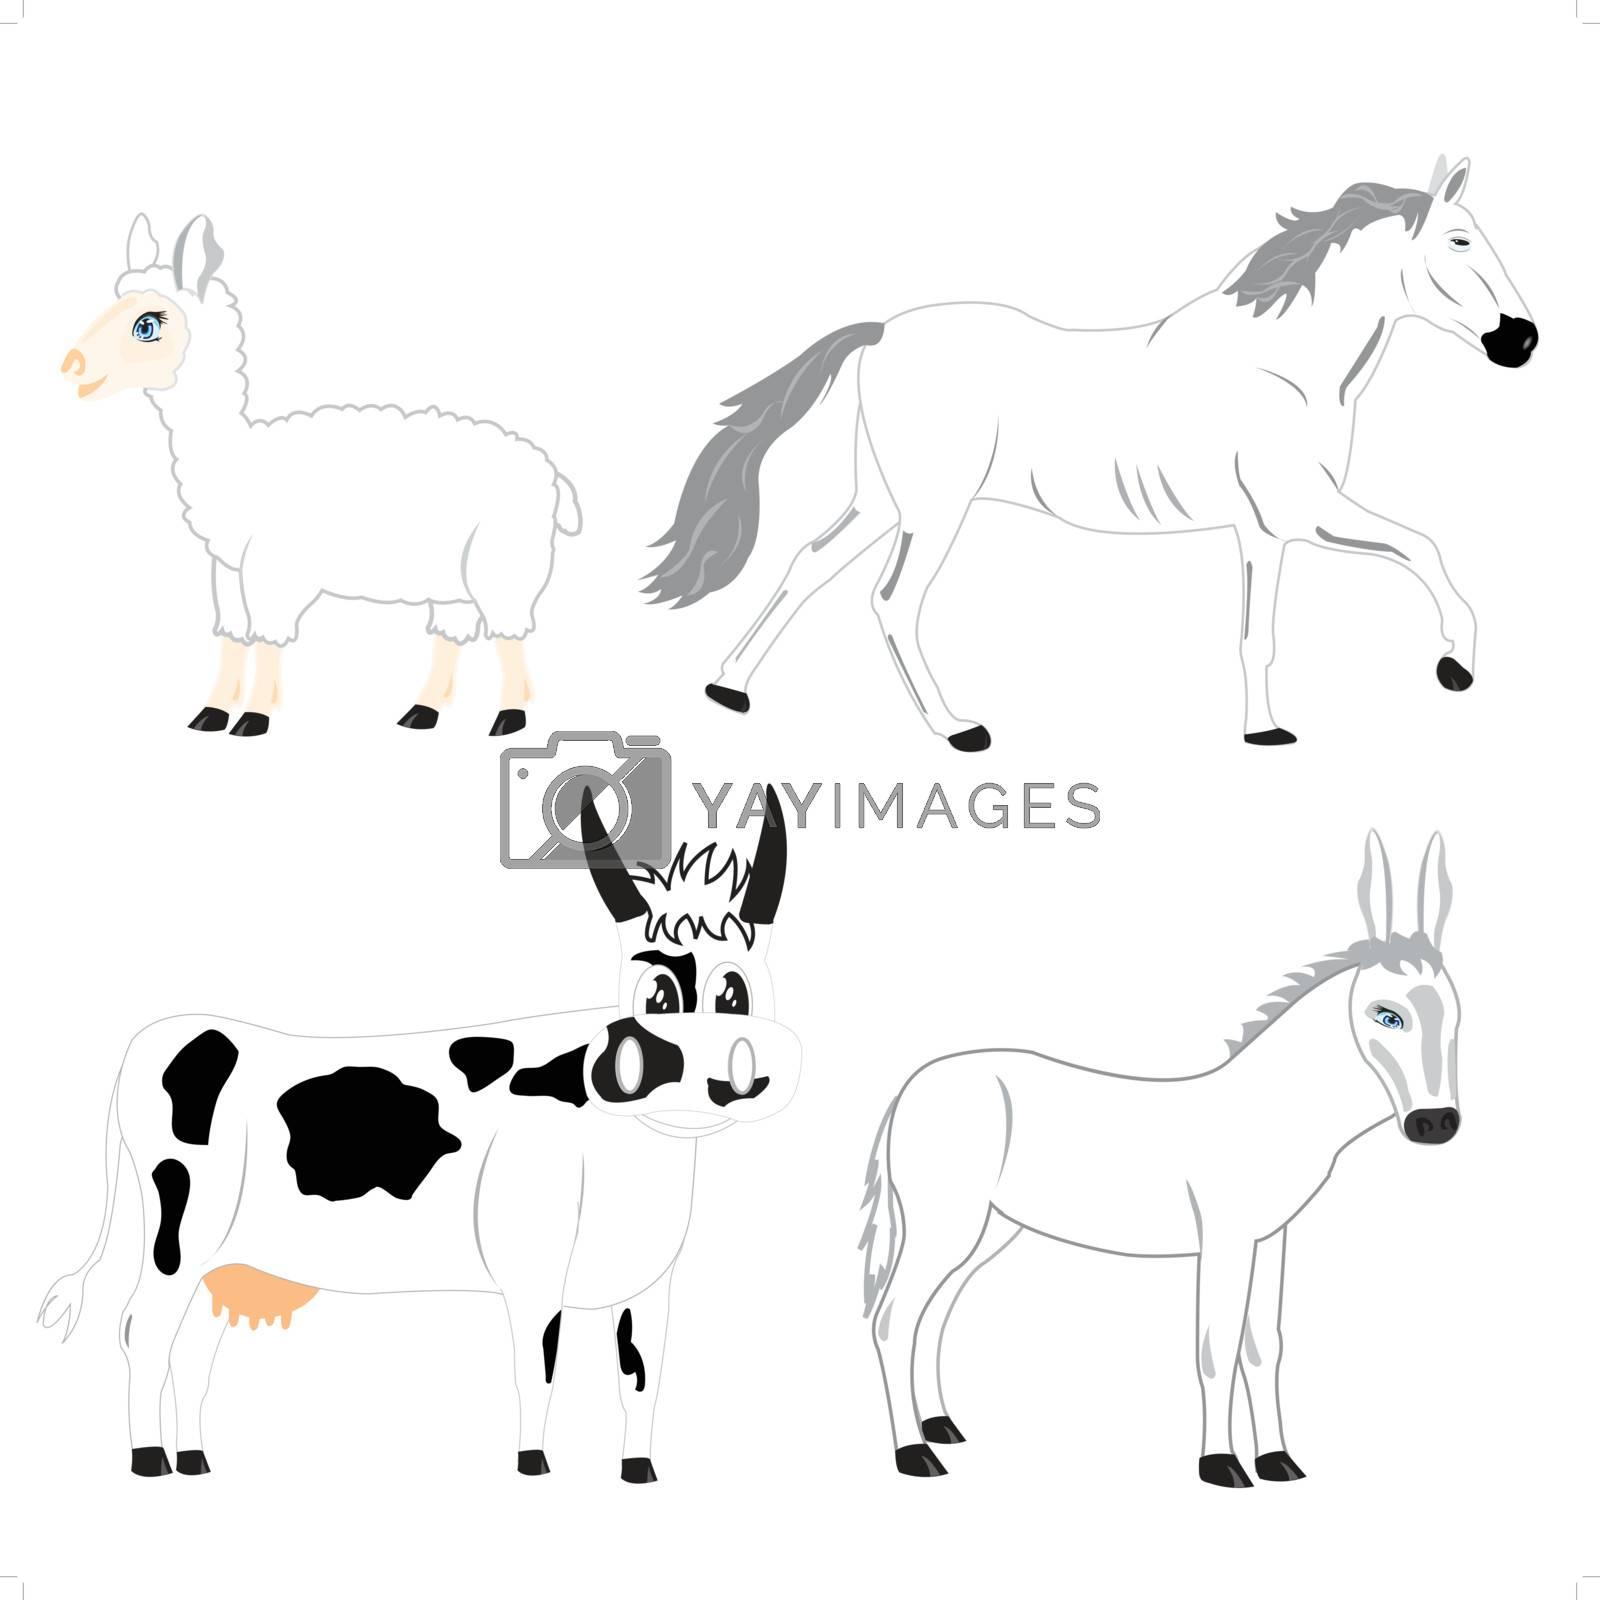 Illustration pets animal on white background